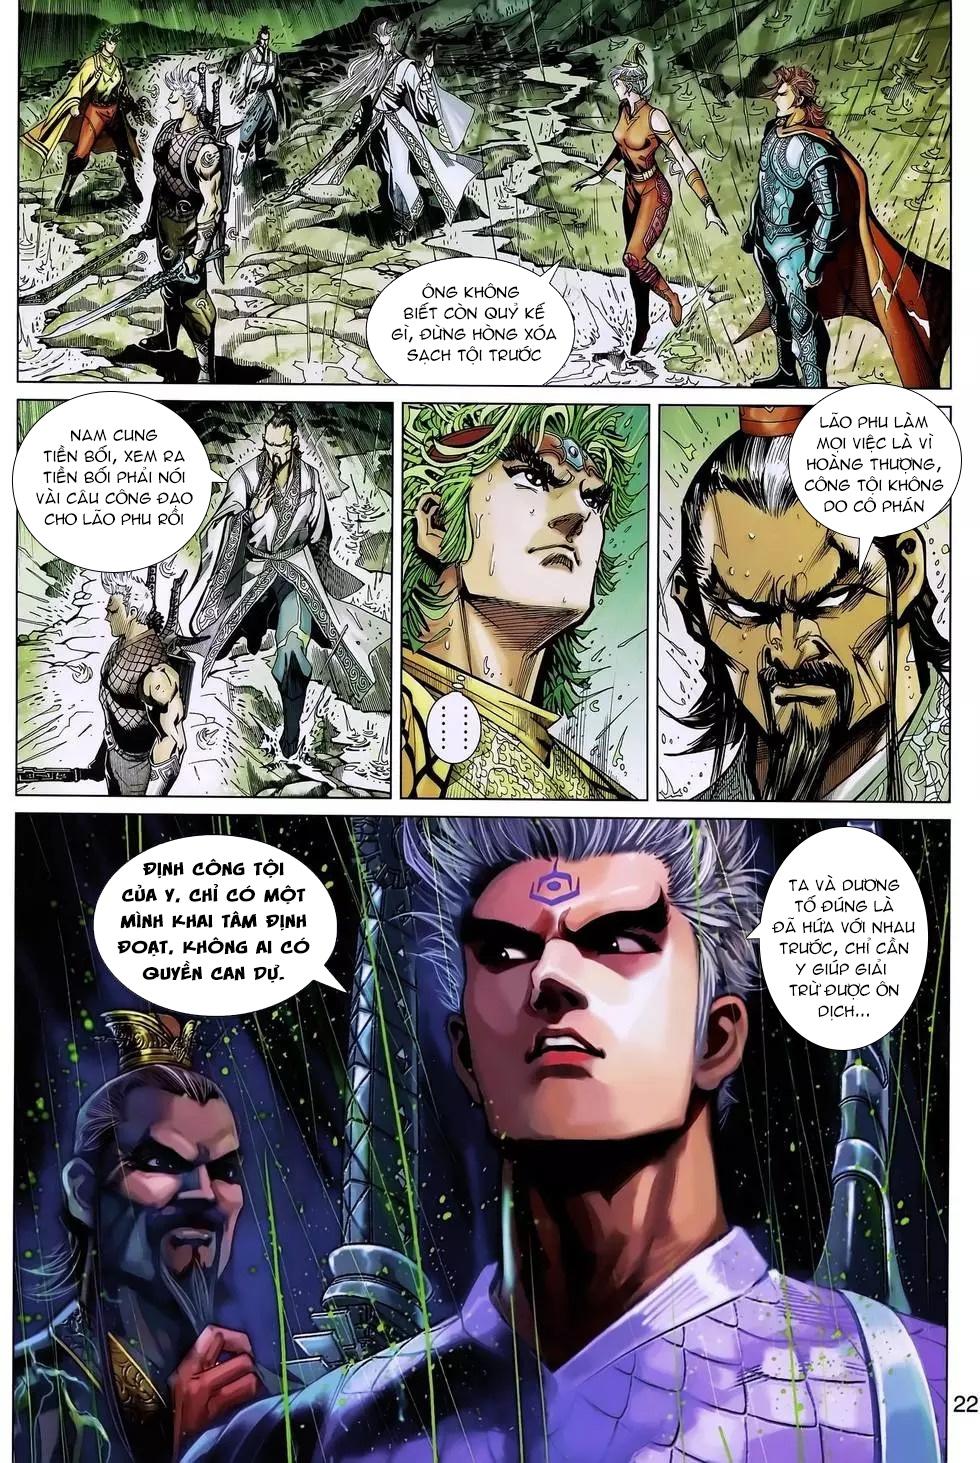 Thần binh huyền kỳ 3 - 3.5 tập 185 - 7